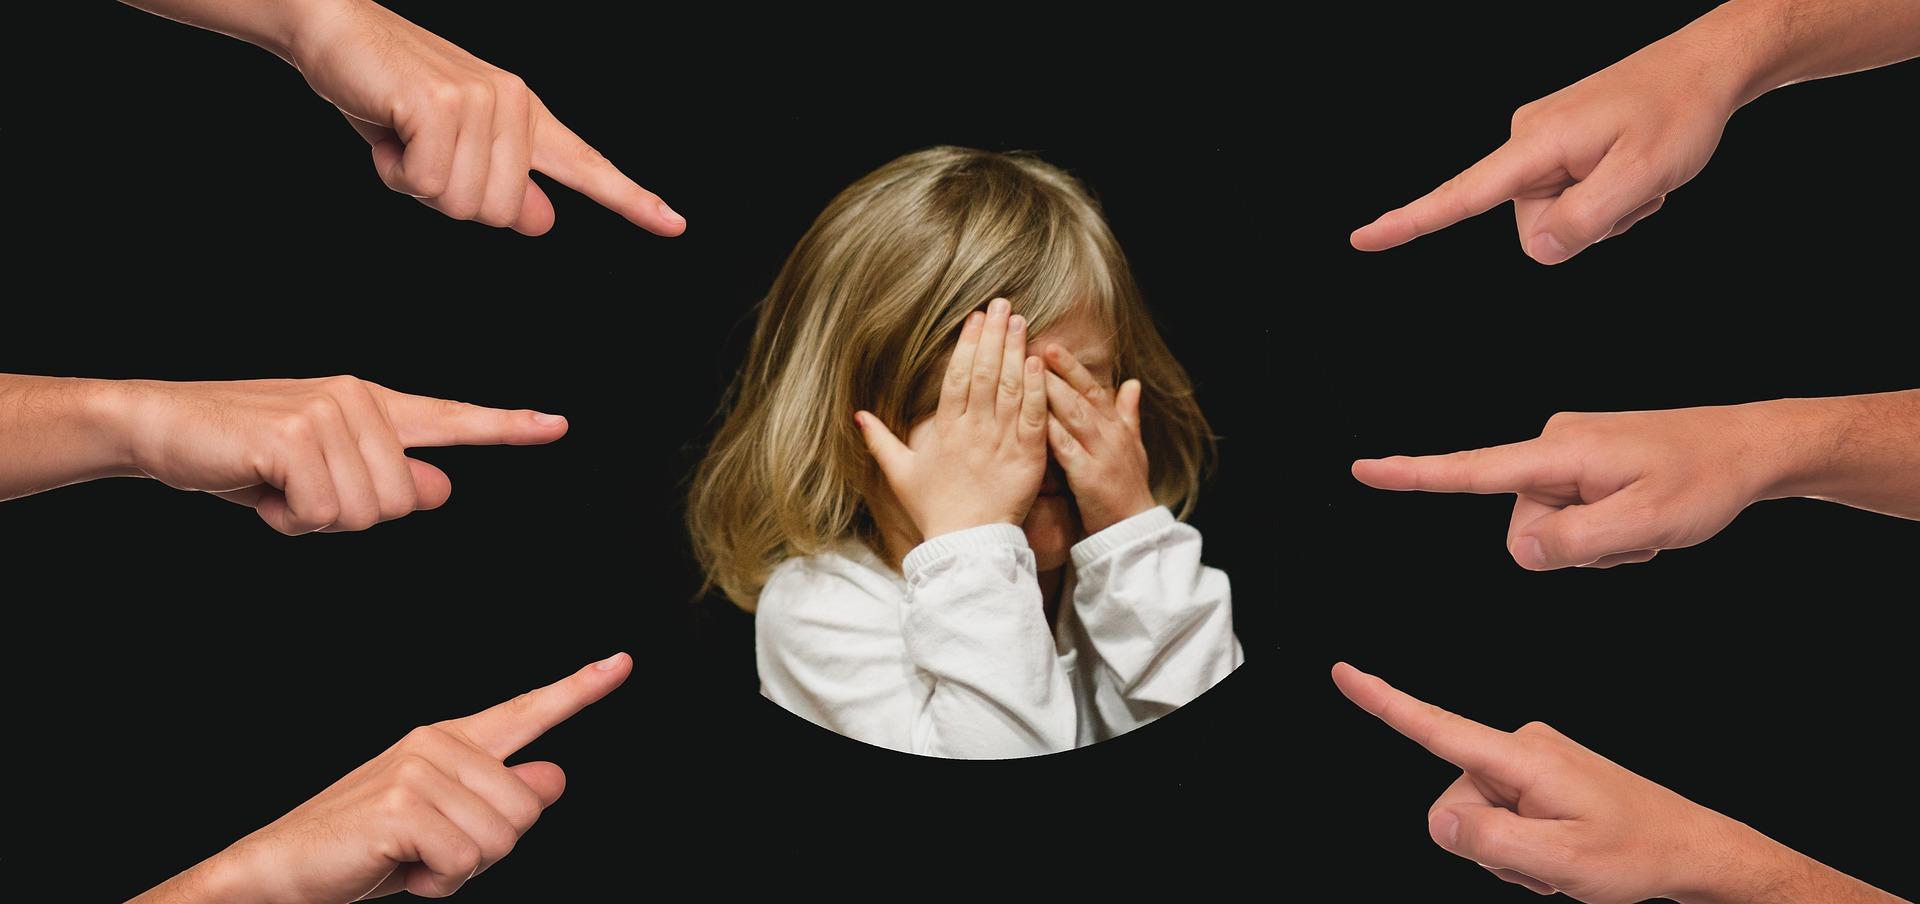 ABUSO DE NIÑOS: CÚAL ES EL PERFIL PSICOLÓGICO DE UN PEDERASTA